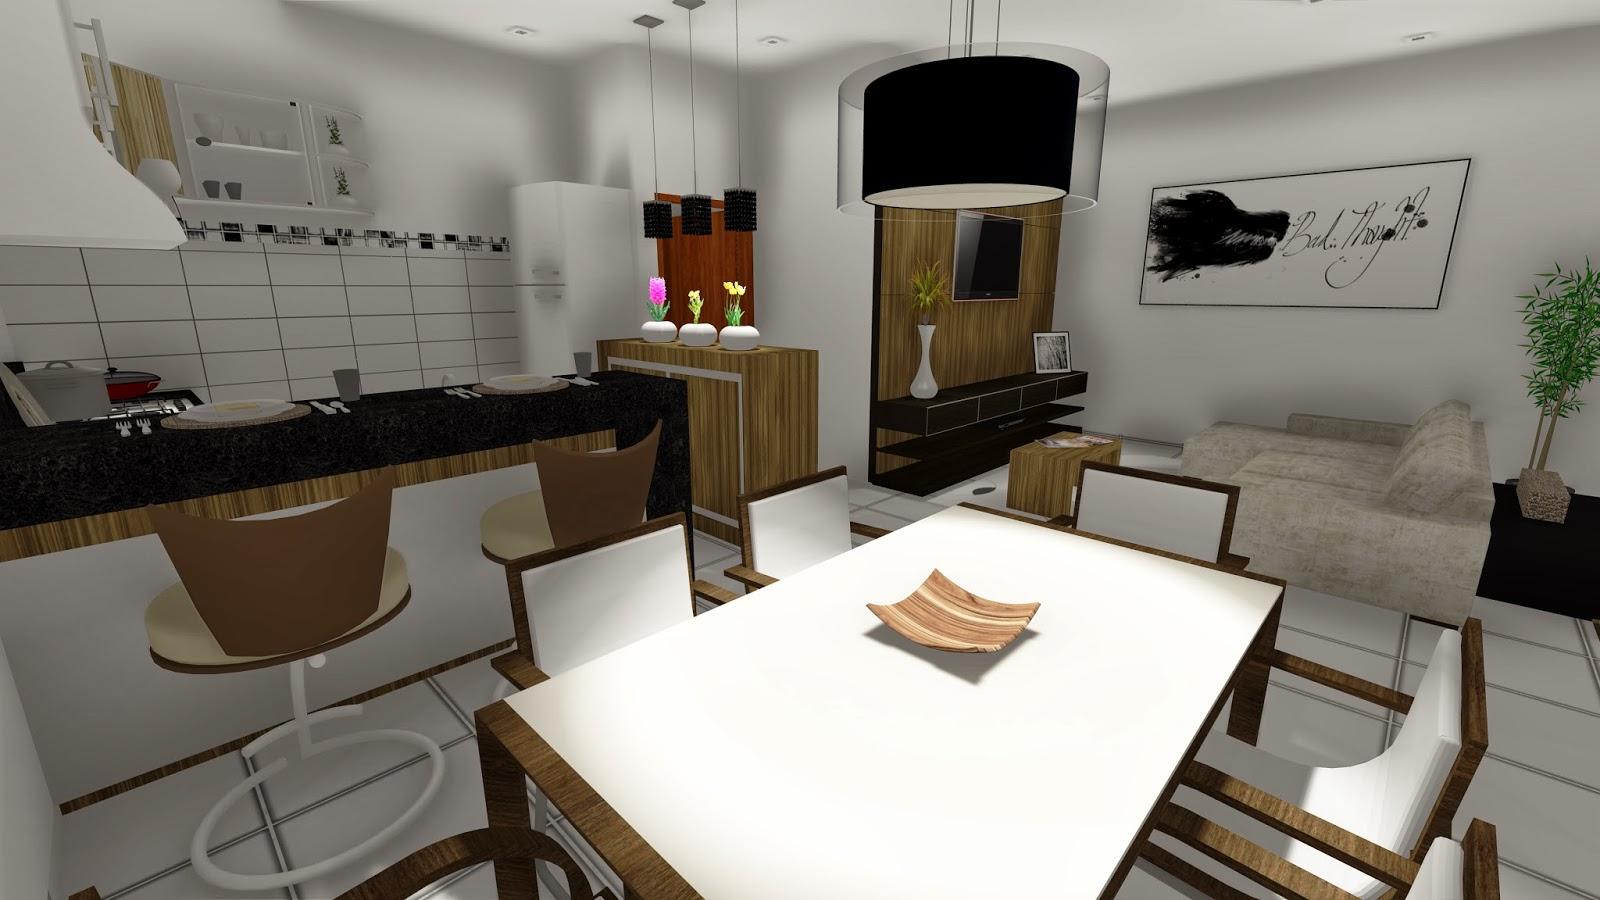 Meu Doce Amado Cantinho: Planejando a Cozinha   Comprinhas #BE0DA0 1600 900